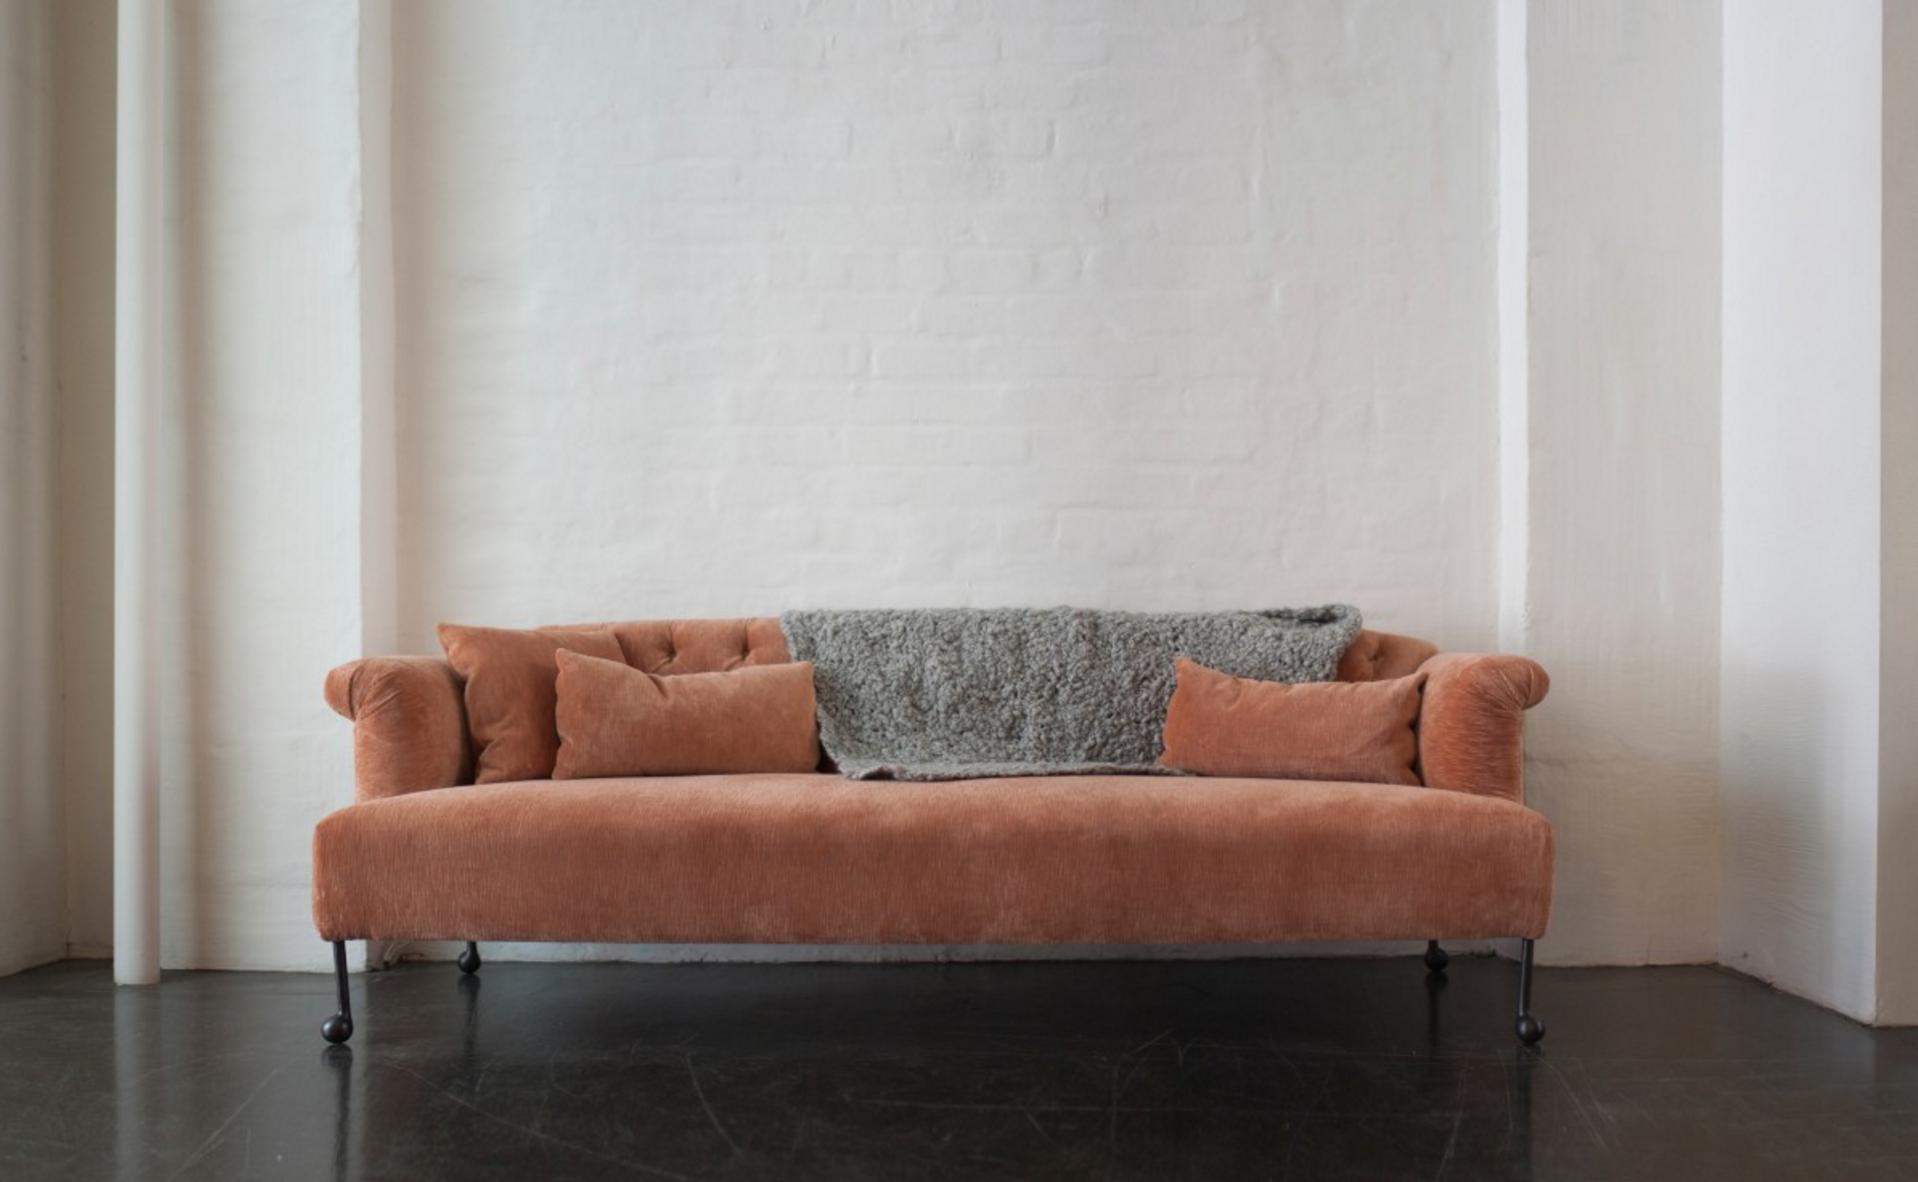 bddw edmund sofa remodelista 9